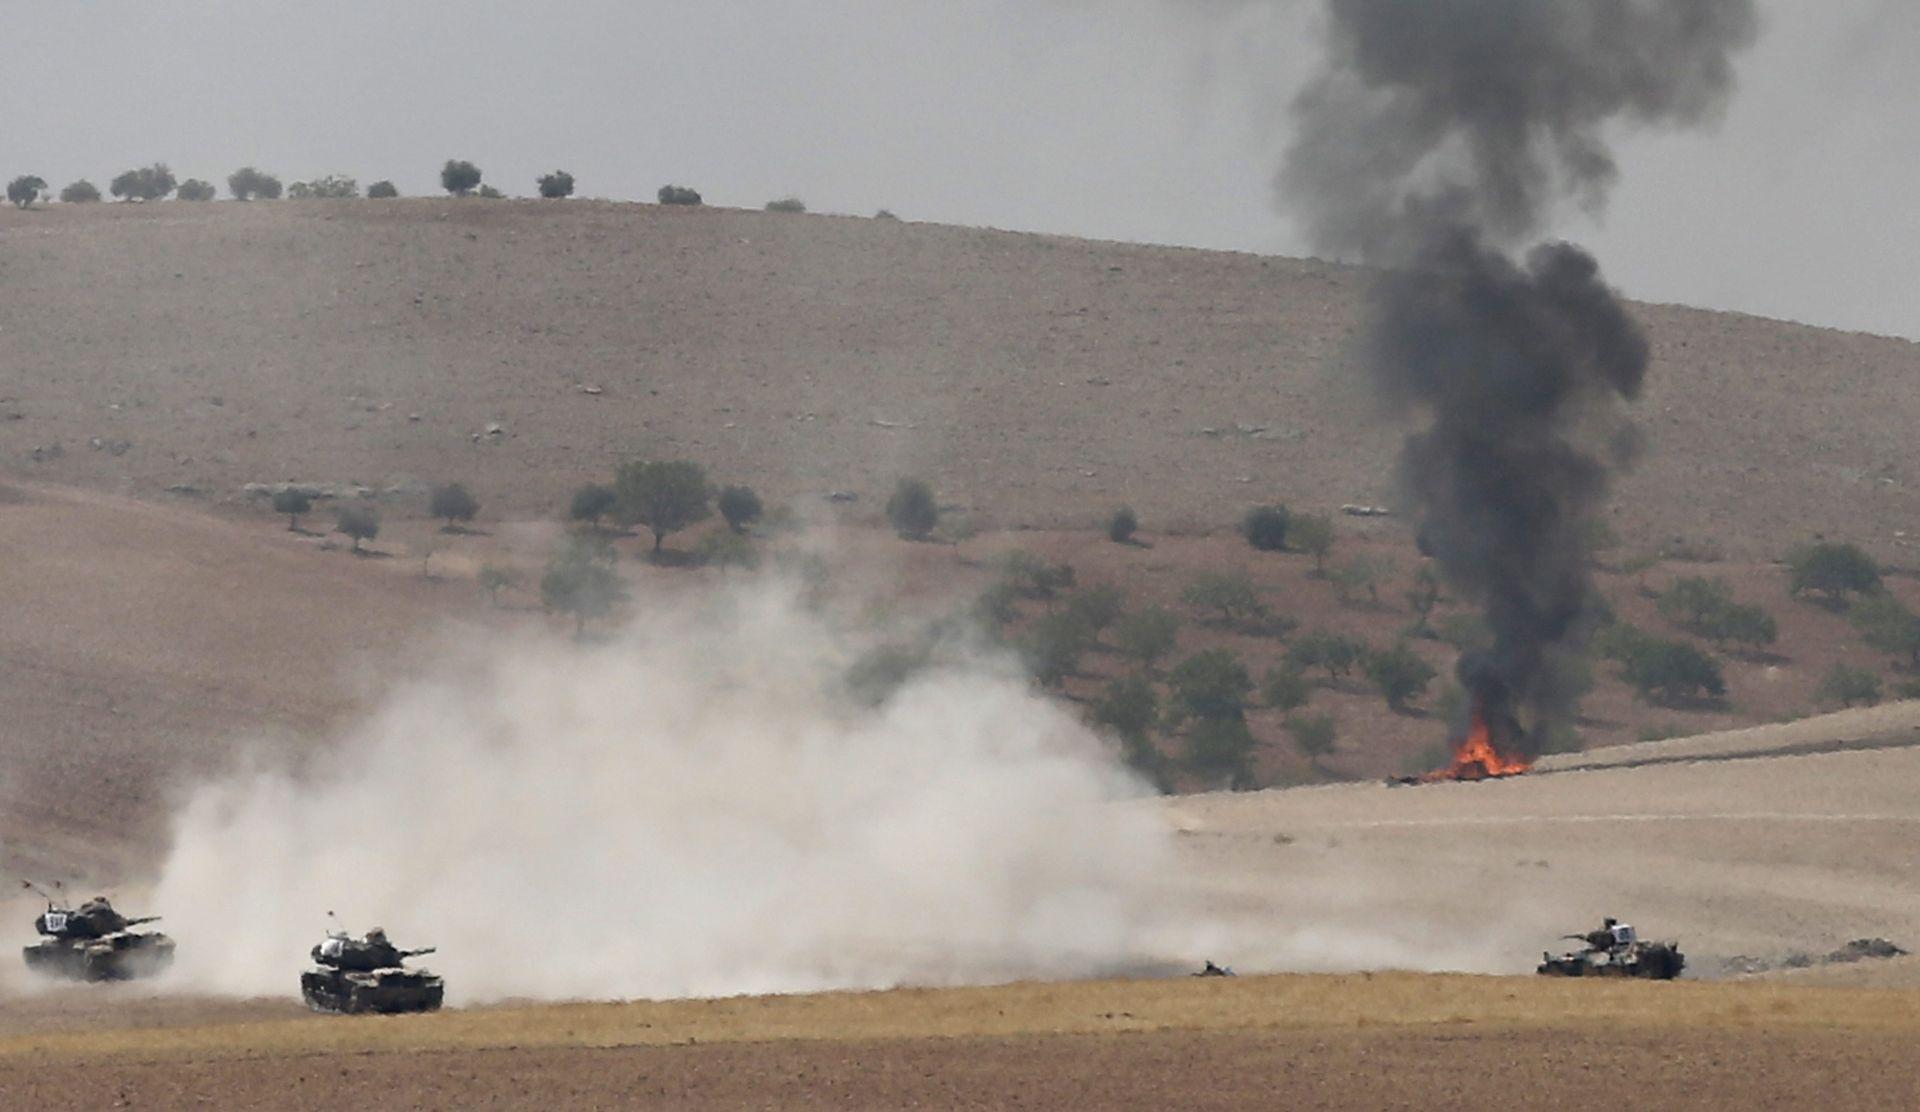 ZRAČNI NAPAD: Koalicija uništila tvornicu kemijskog oružja Islamske države